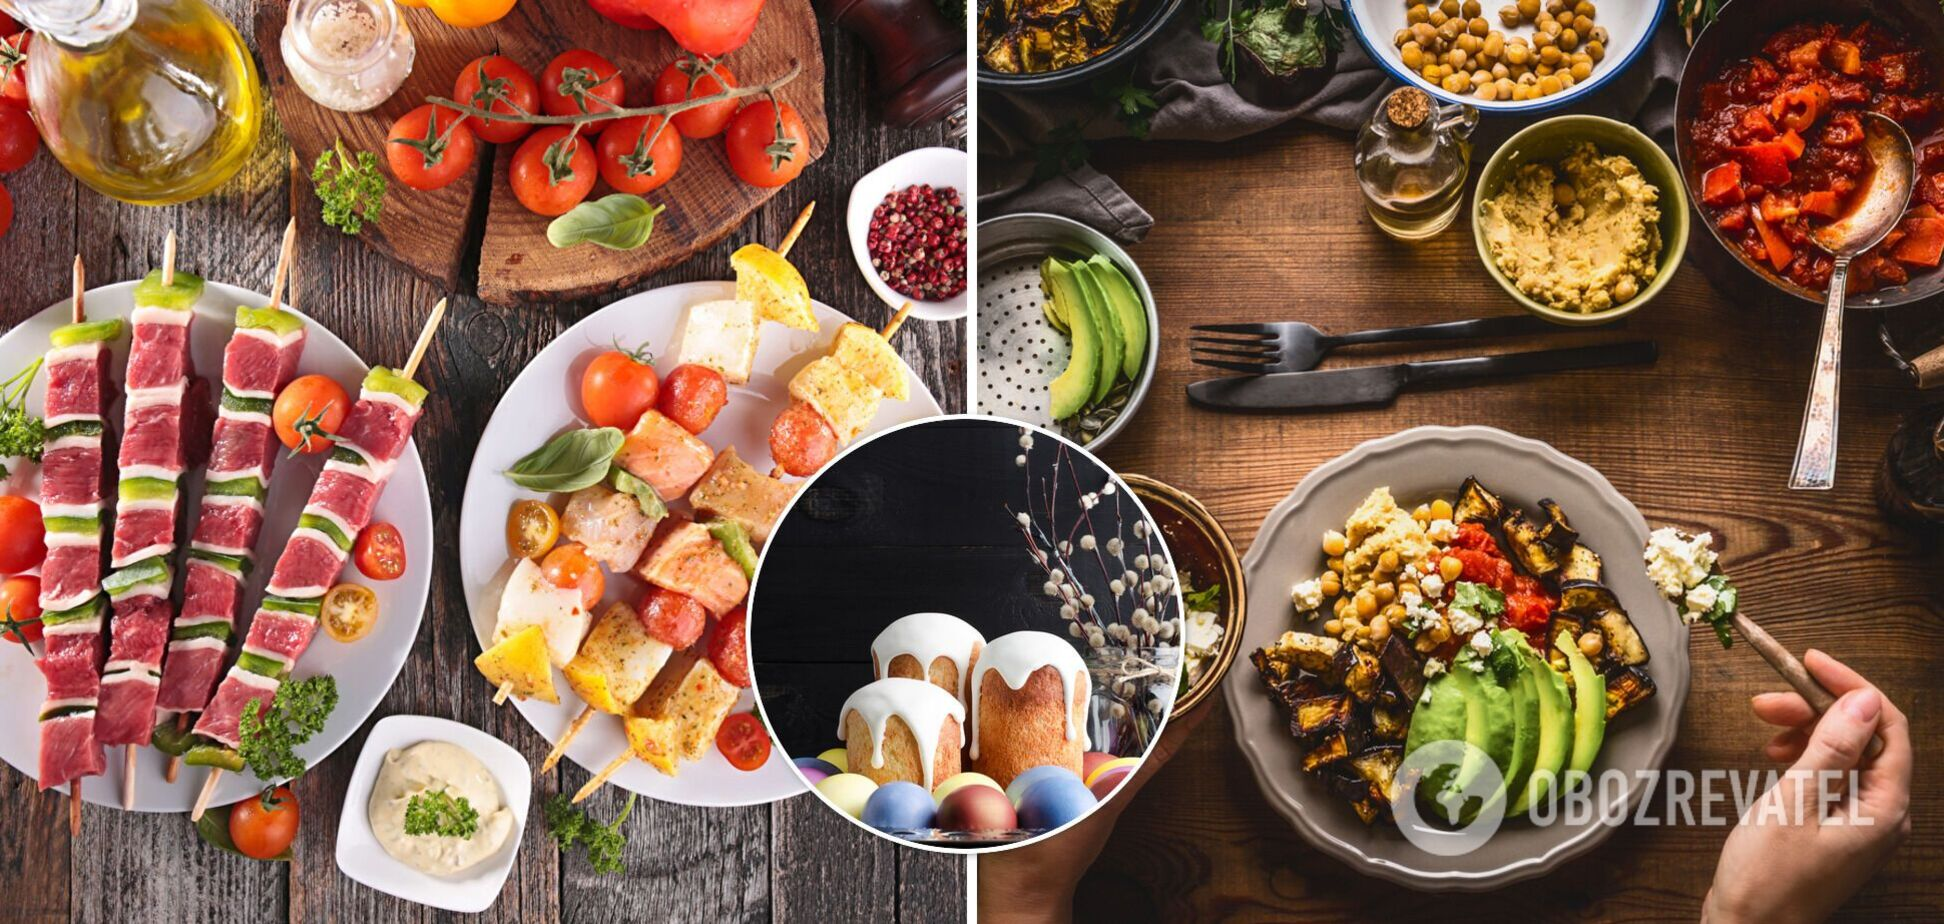 Як правильно вийти з Великого посту і скільки можна з'їдати яєць: відповіді дієтологині на популярні питання